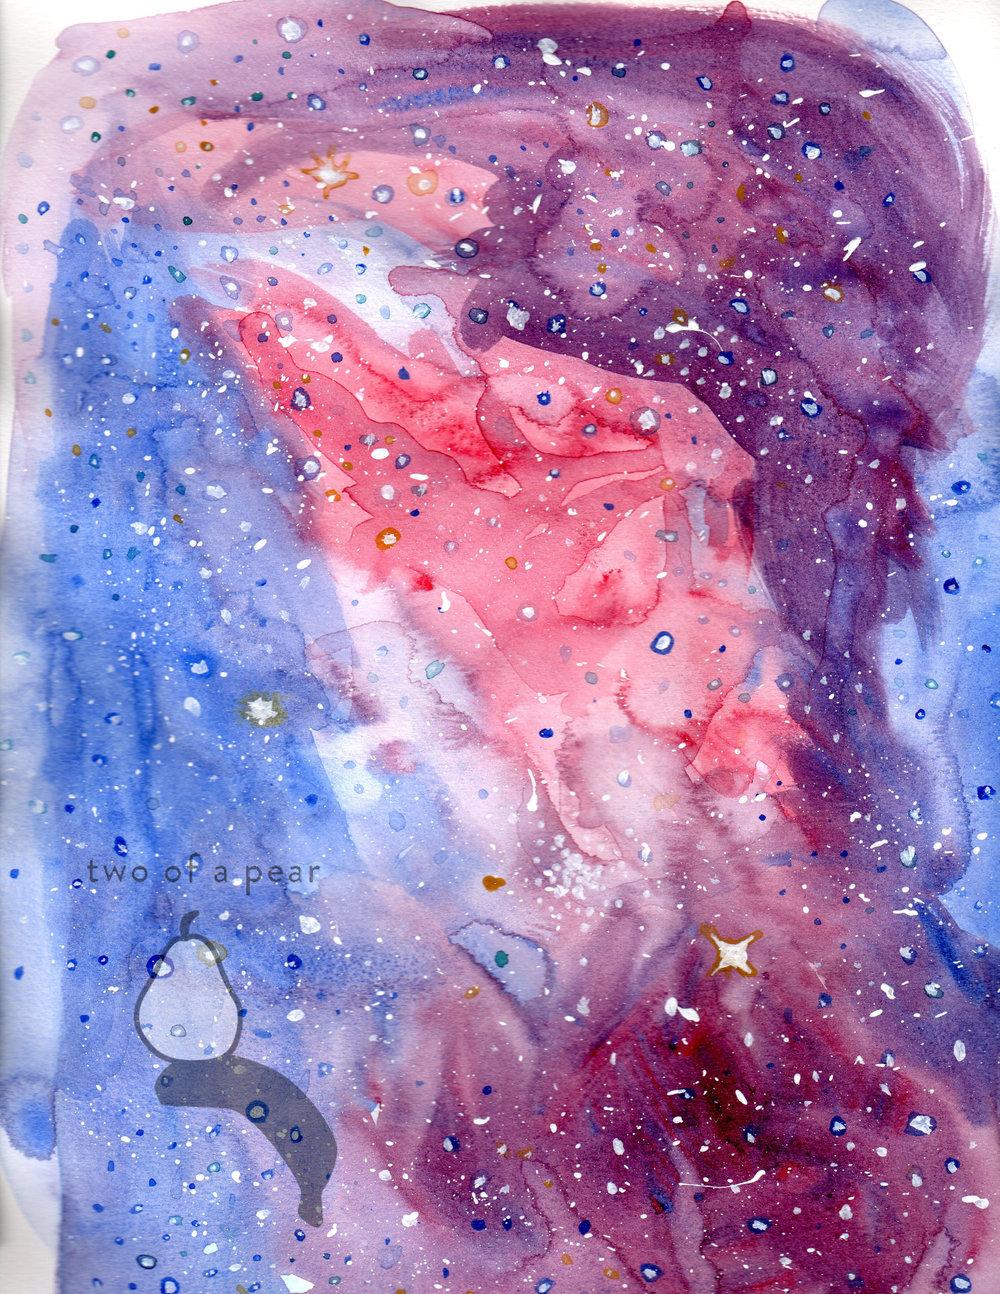 Carina Nebua2_Watermarked.jpg